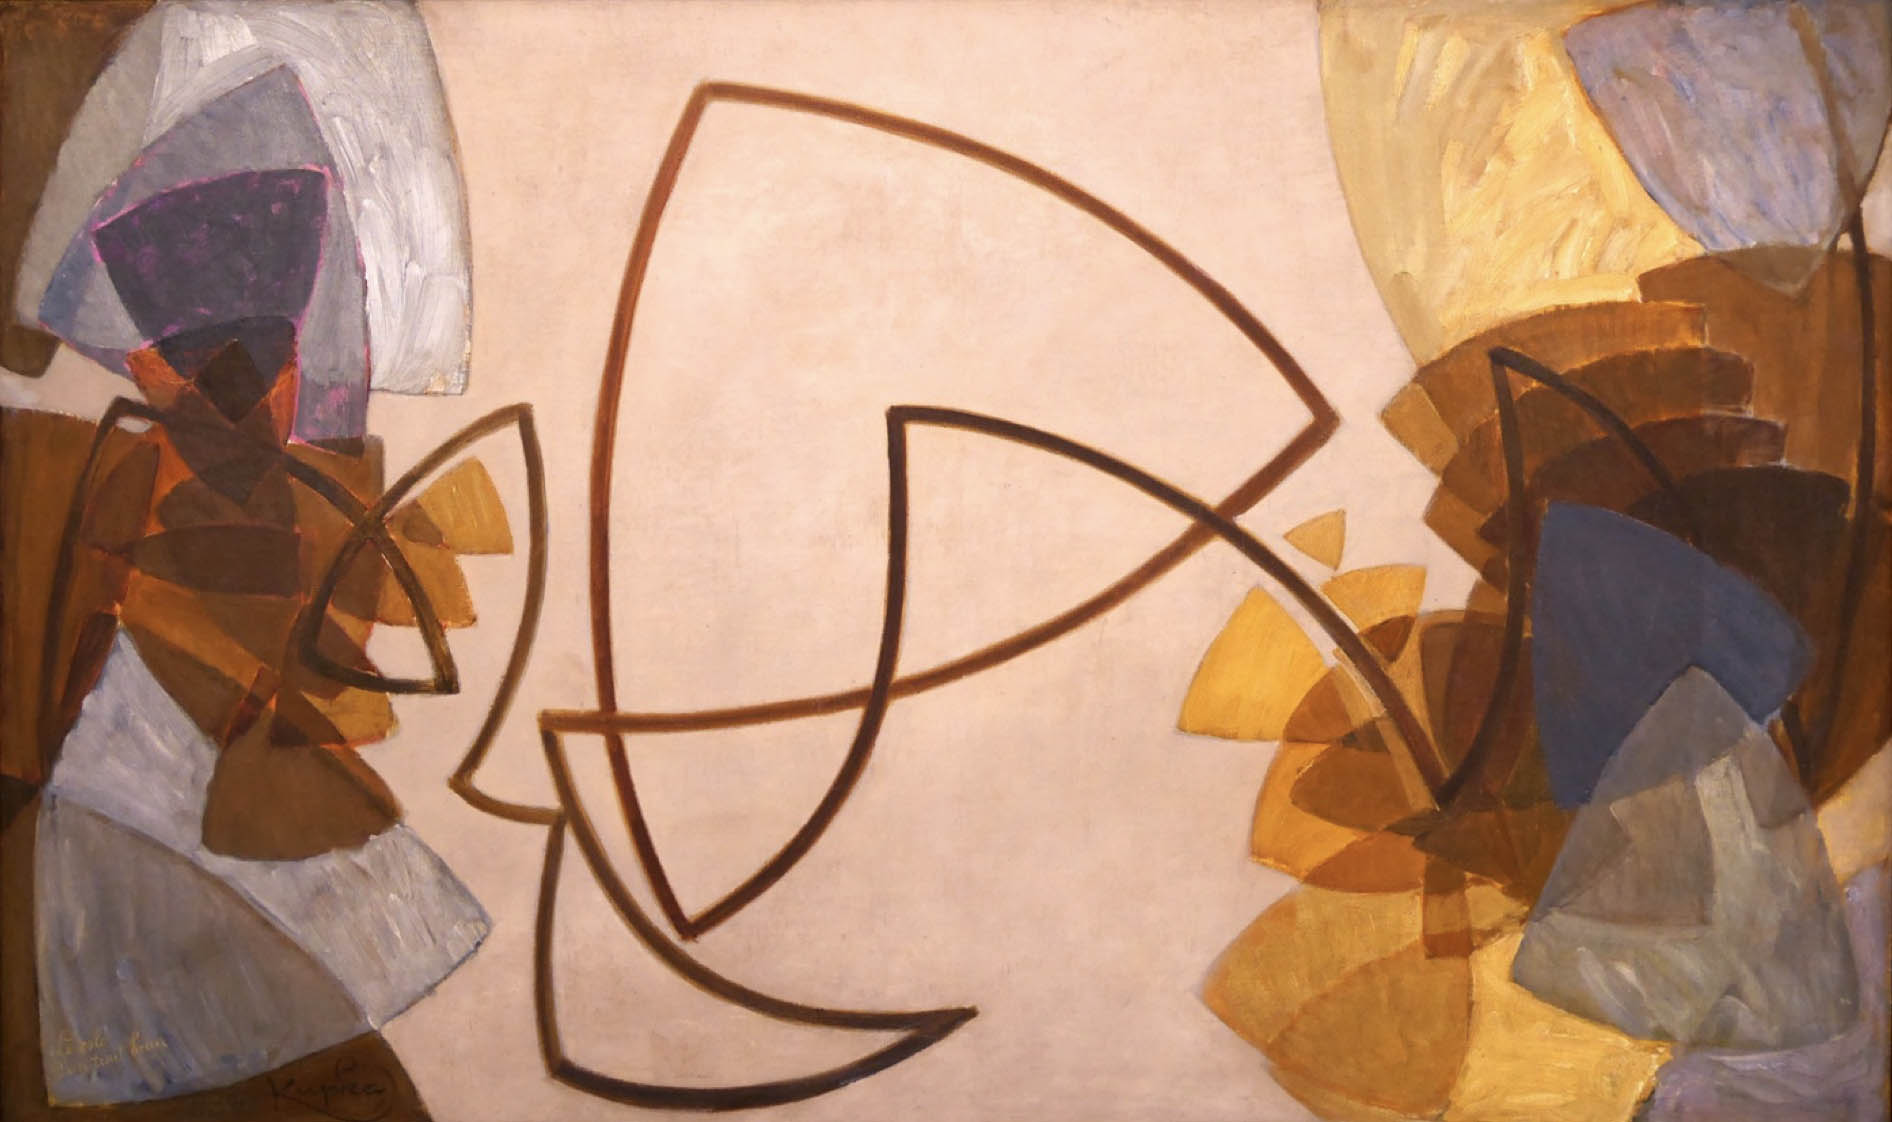 la foto a colori di varie tonalità di marrone mostra delle forme astratte un po' geometriche